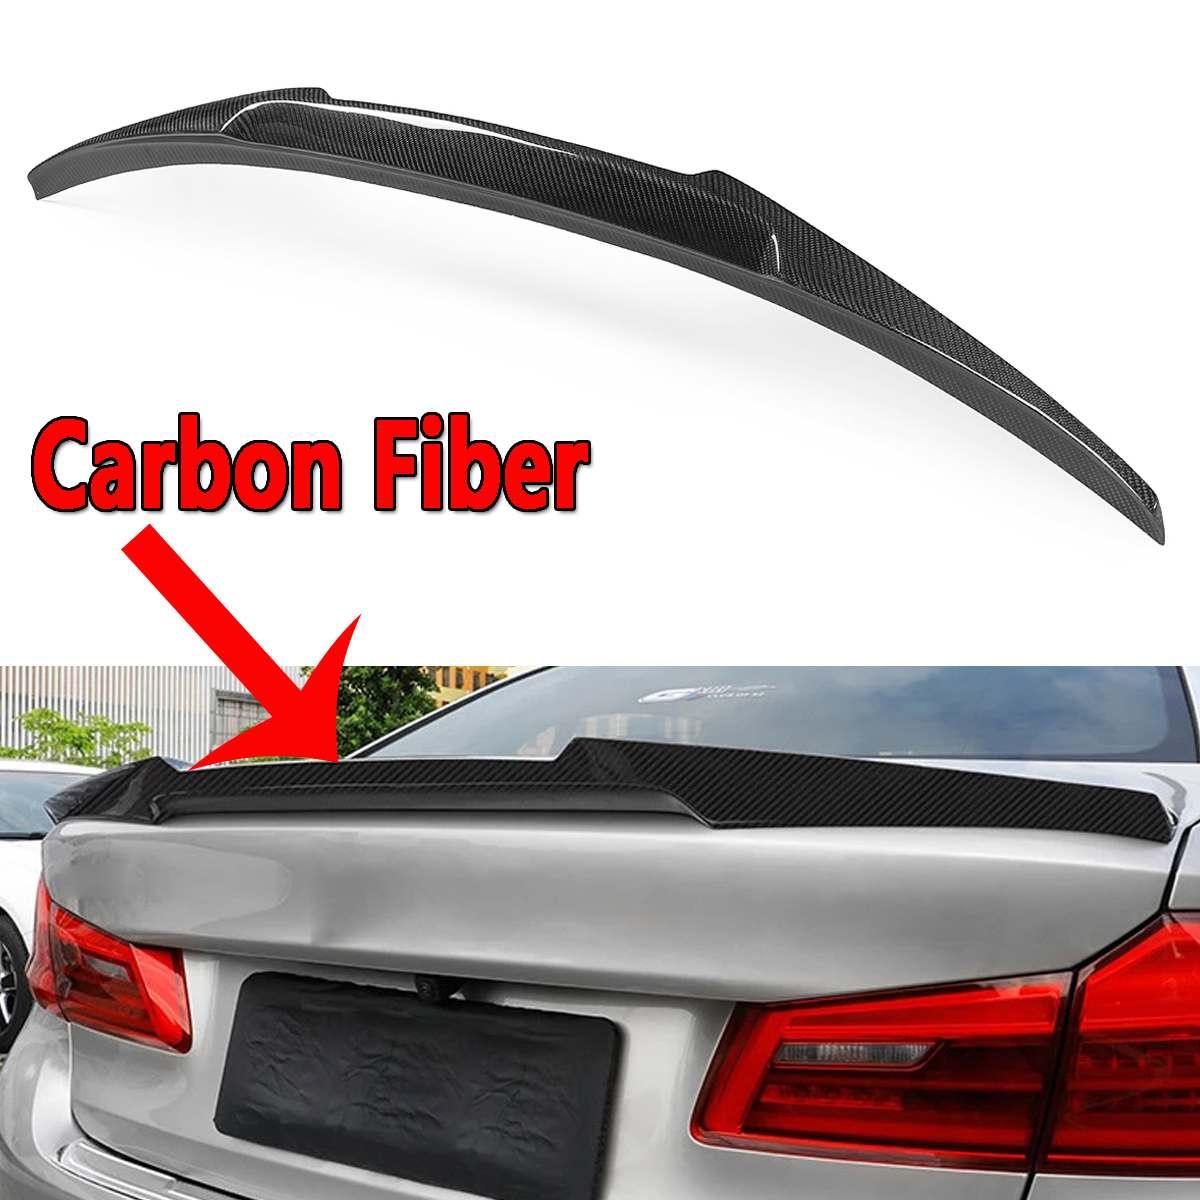 Nouveau aileron de coffre arrière ailes véritable couvercle de Spoiler de coffre en Fiber de carbone pour 2017-18 pour BMW G30 520d 530i 540i V Type voiture-style